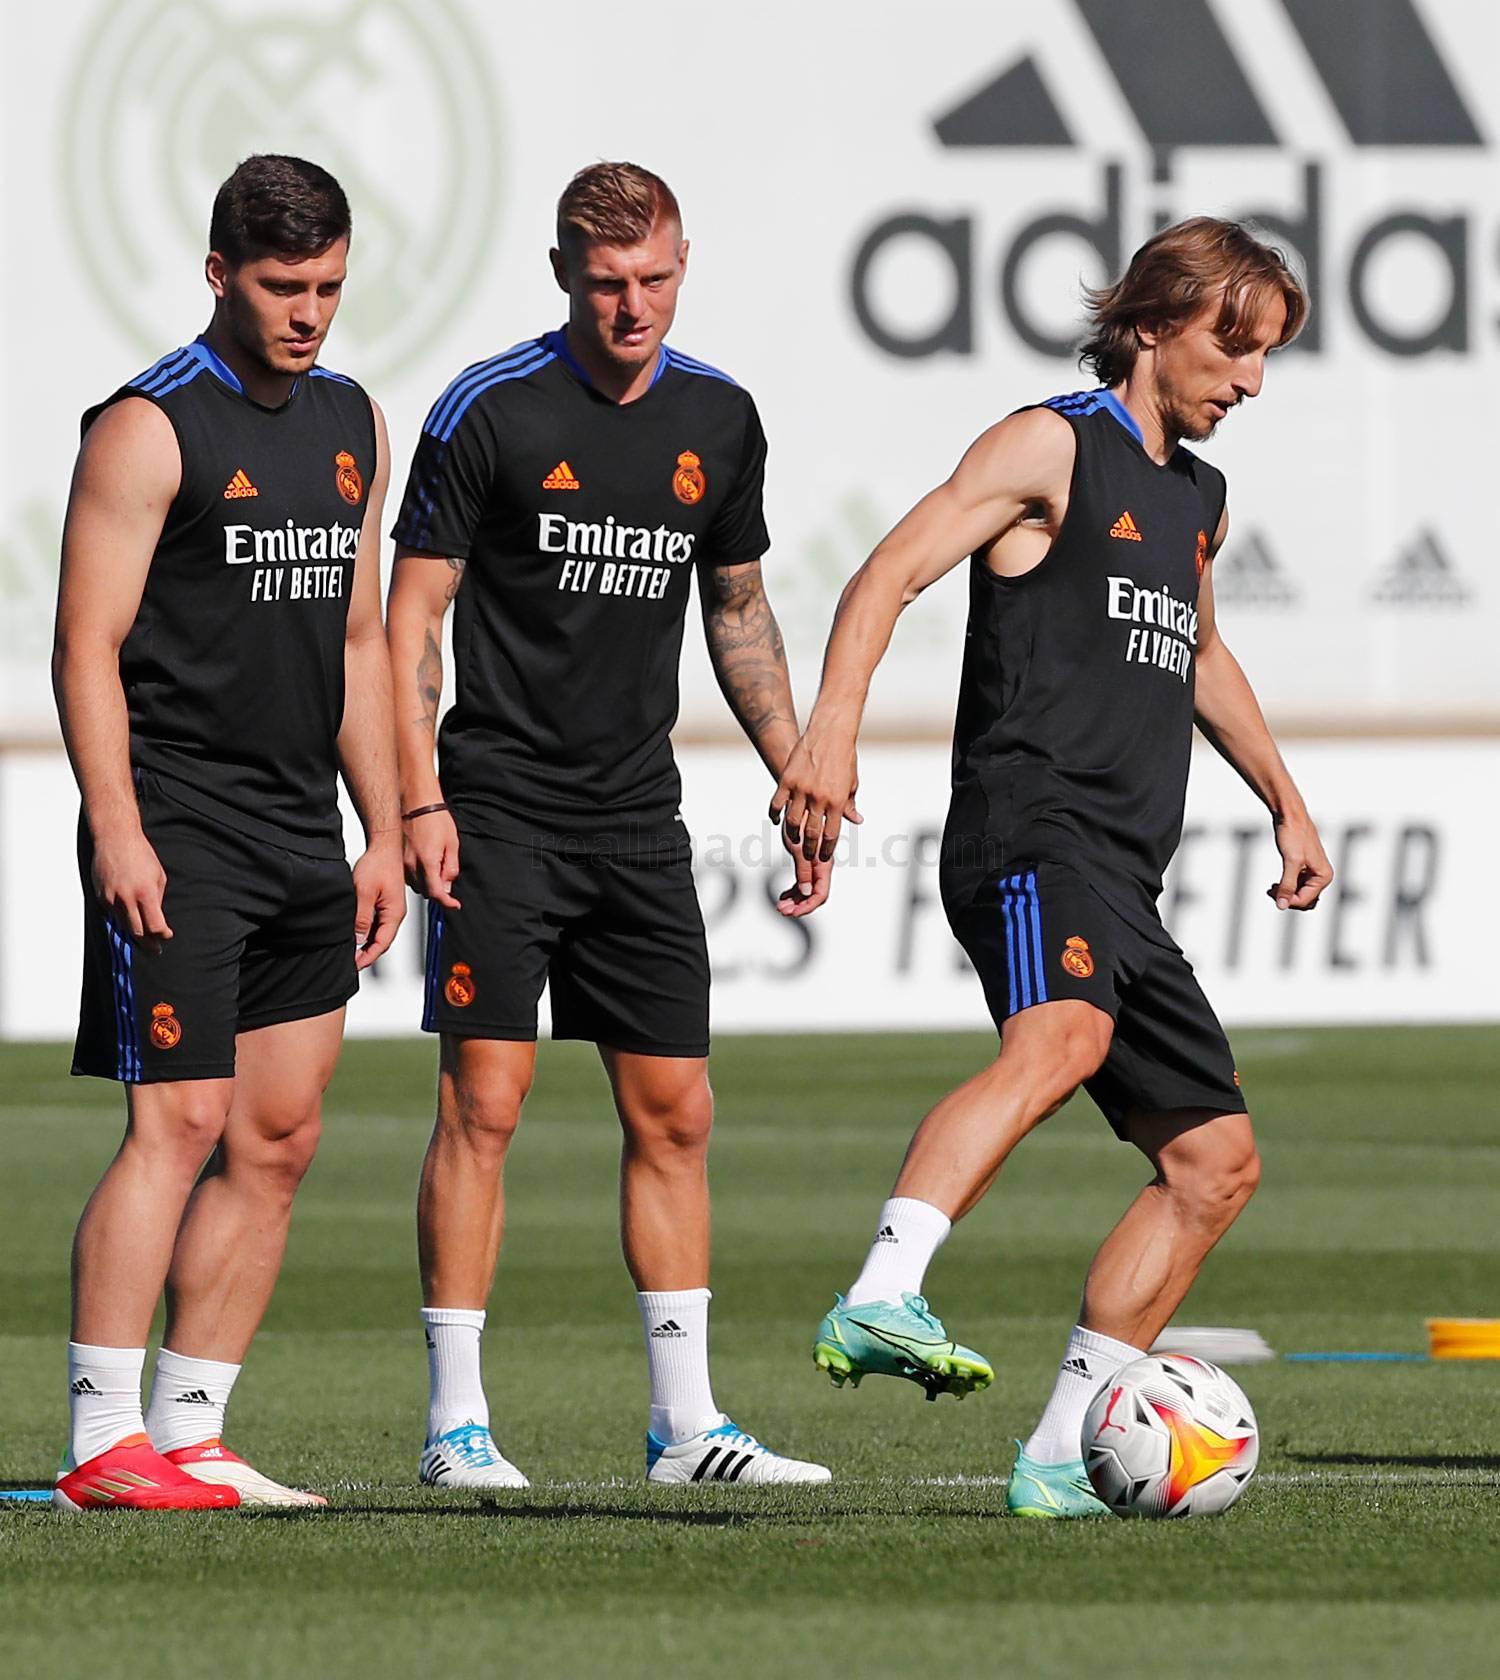 Entrenamiento del Real Madrid  - 17-09-2021